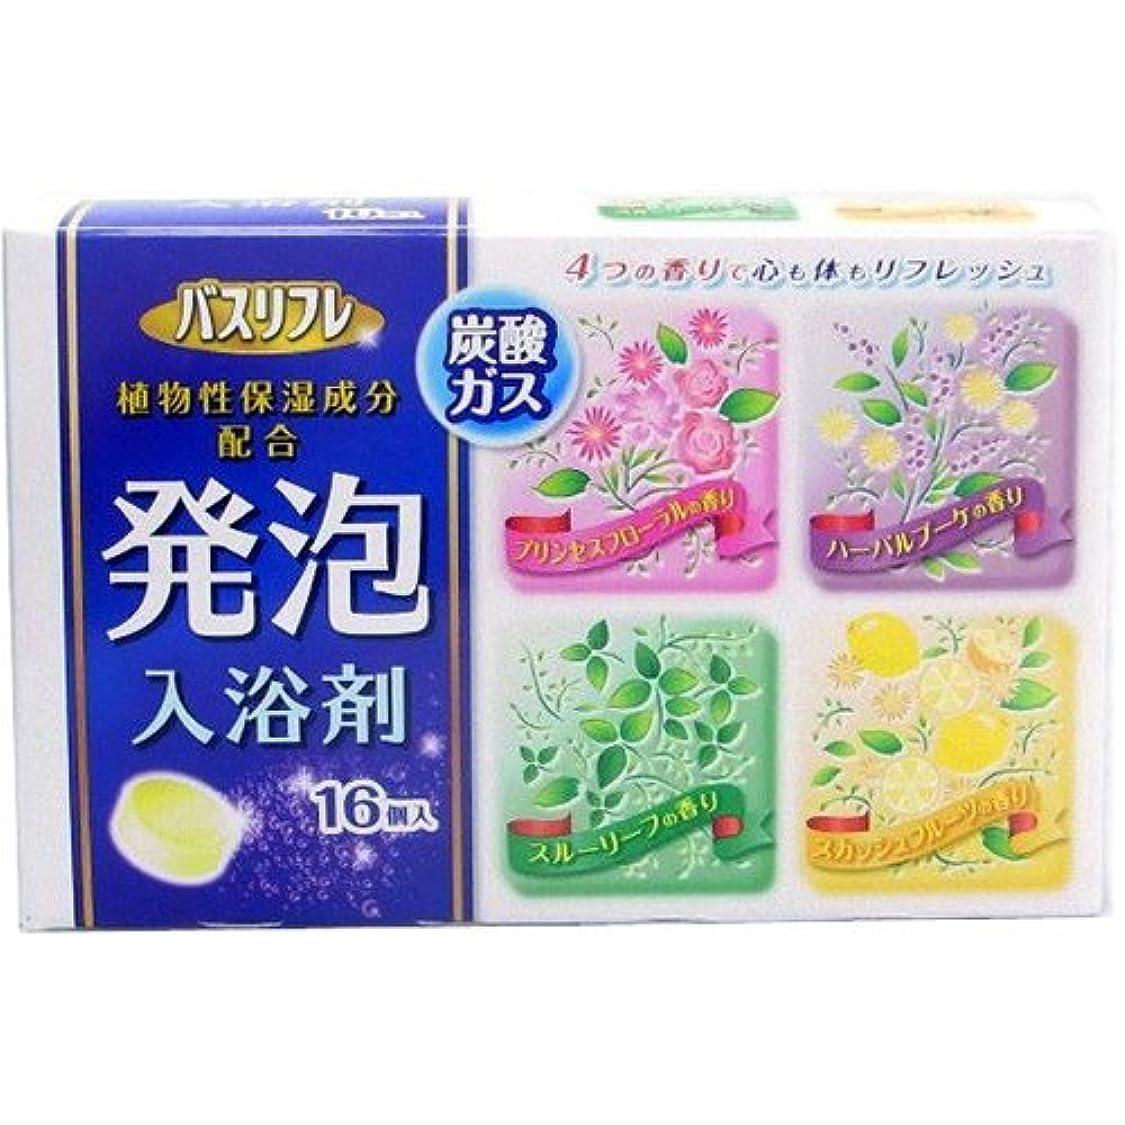 留め金ミンチ赤道バスリフレ 薬用発泡入浴剤 16錠 [医薬部外品] Japan